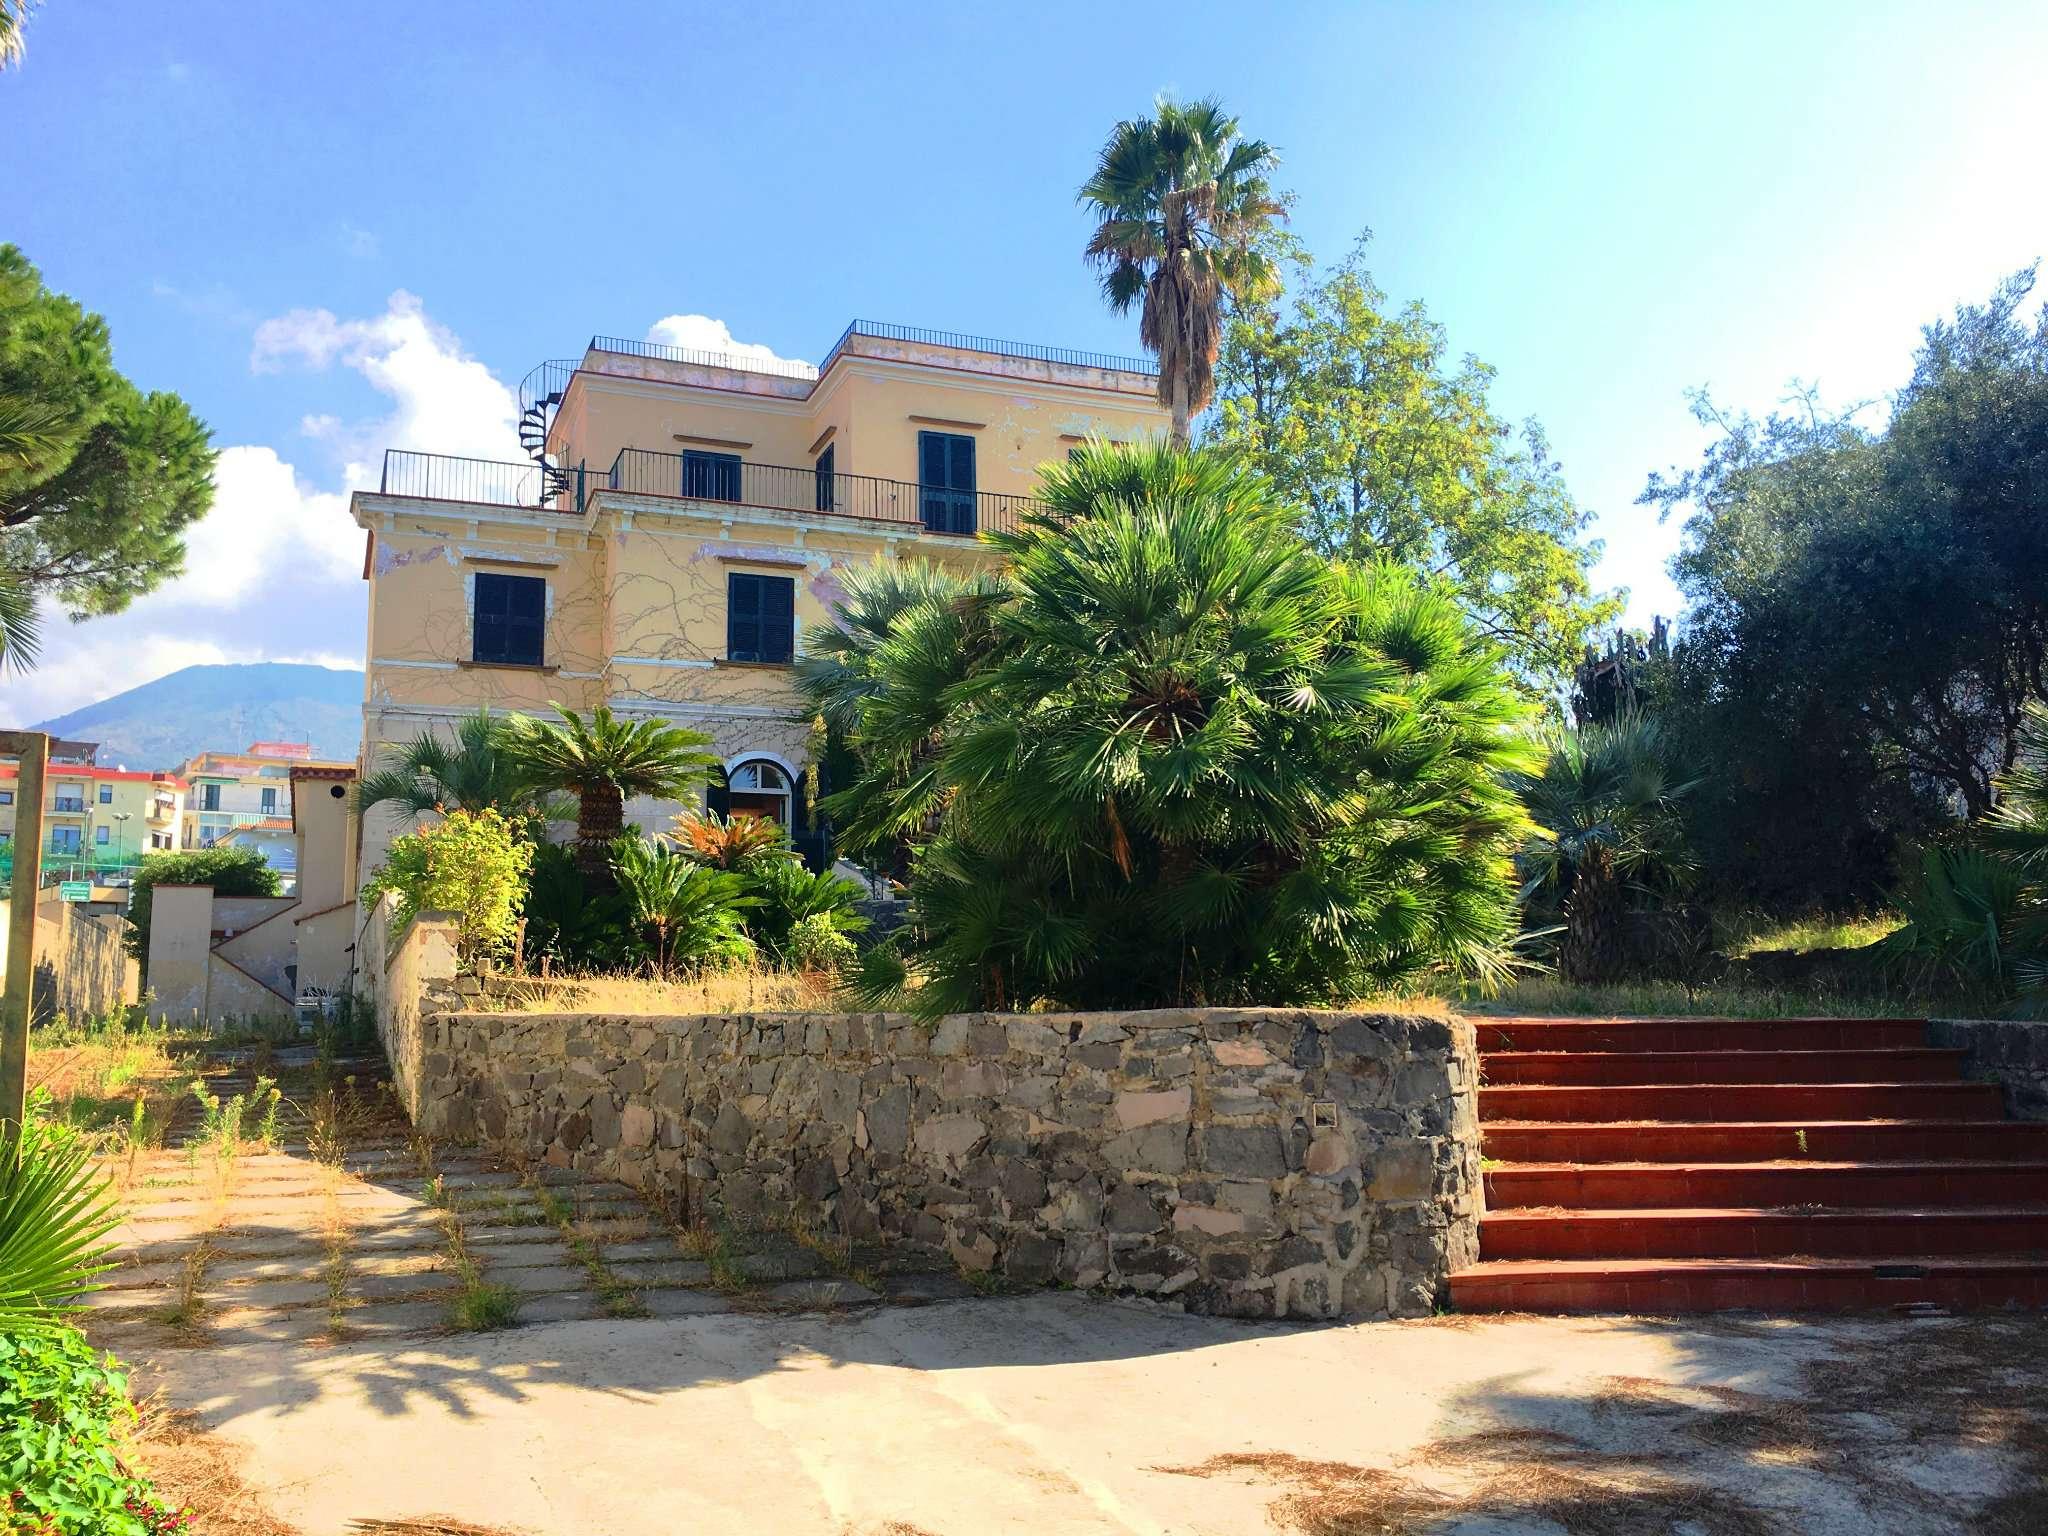 Villa in vendita a Torre del Greco, 10 locali, prezzo € 1.400.000 | CambioCasa.it